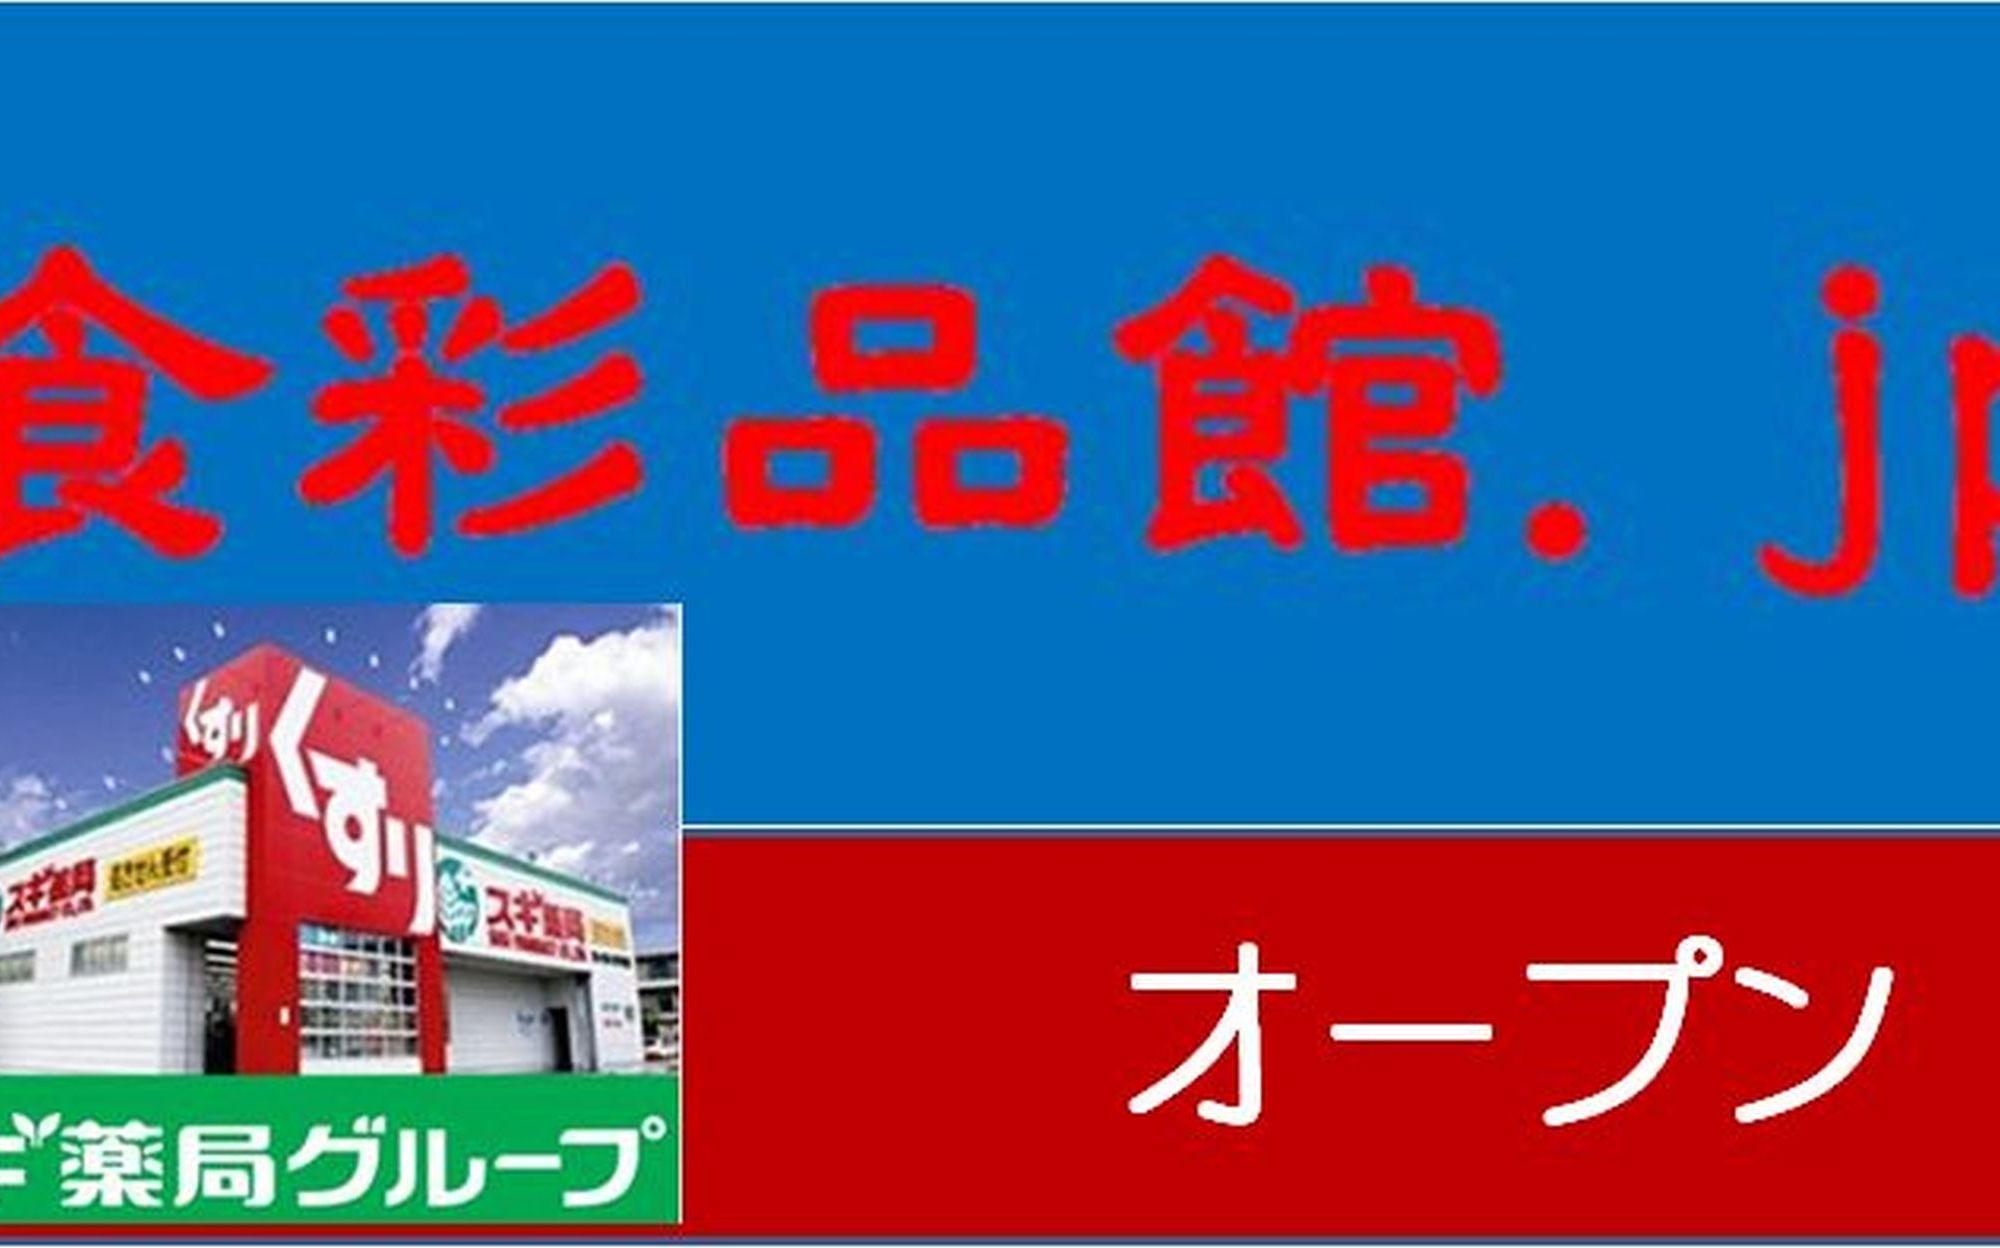 スギ薬局津港町店,スギドラッグ津港町店,スギ薬局調剤津港町店(三重県津市)2020年9月24日オープン。調剤薬局は10月1日オープン